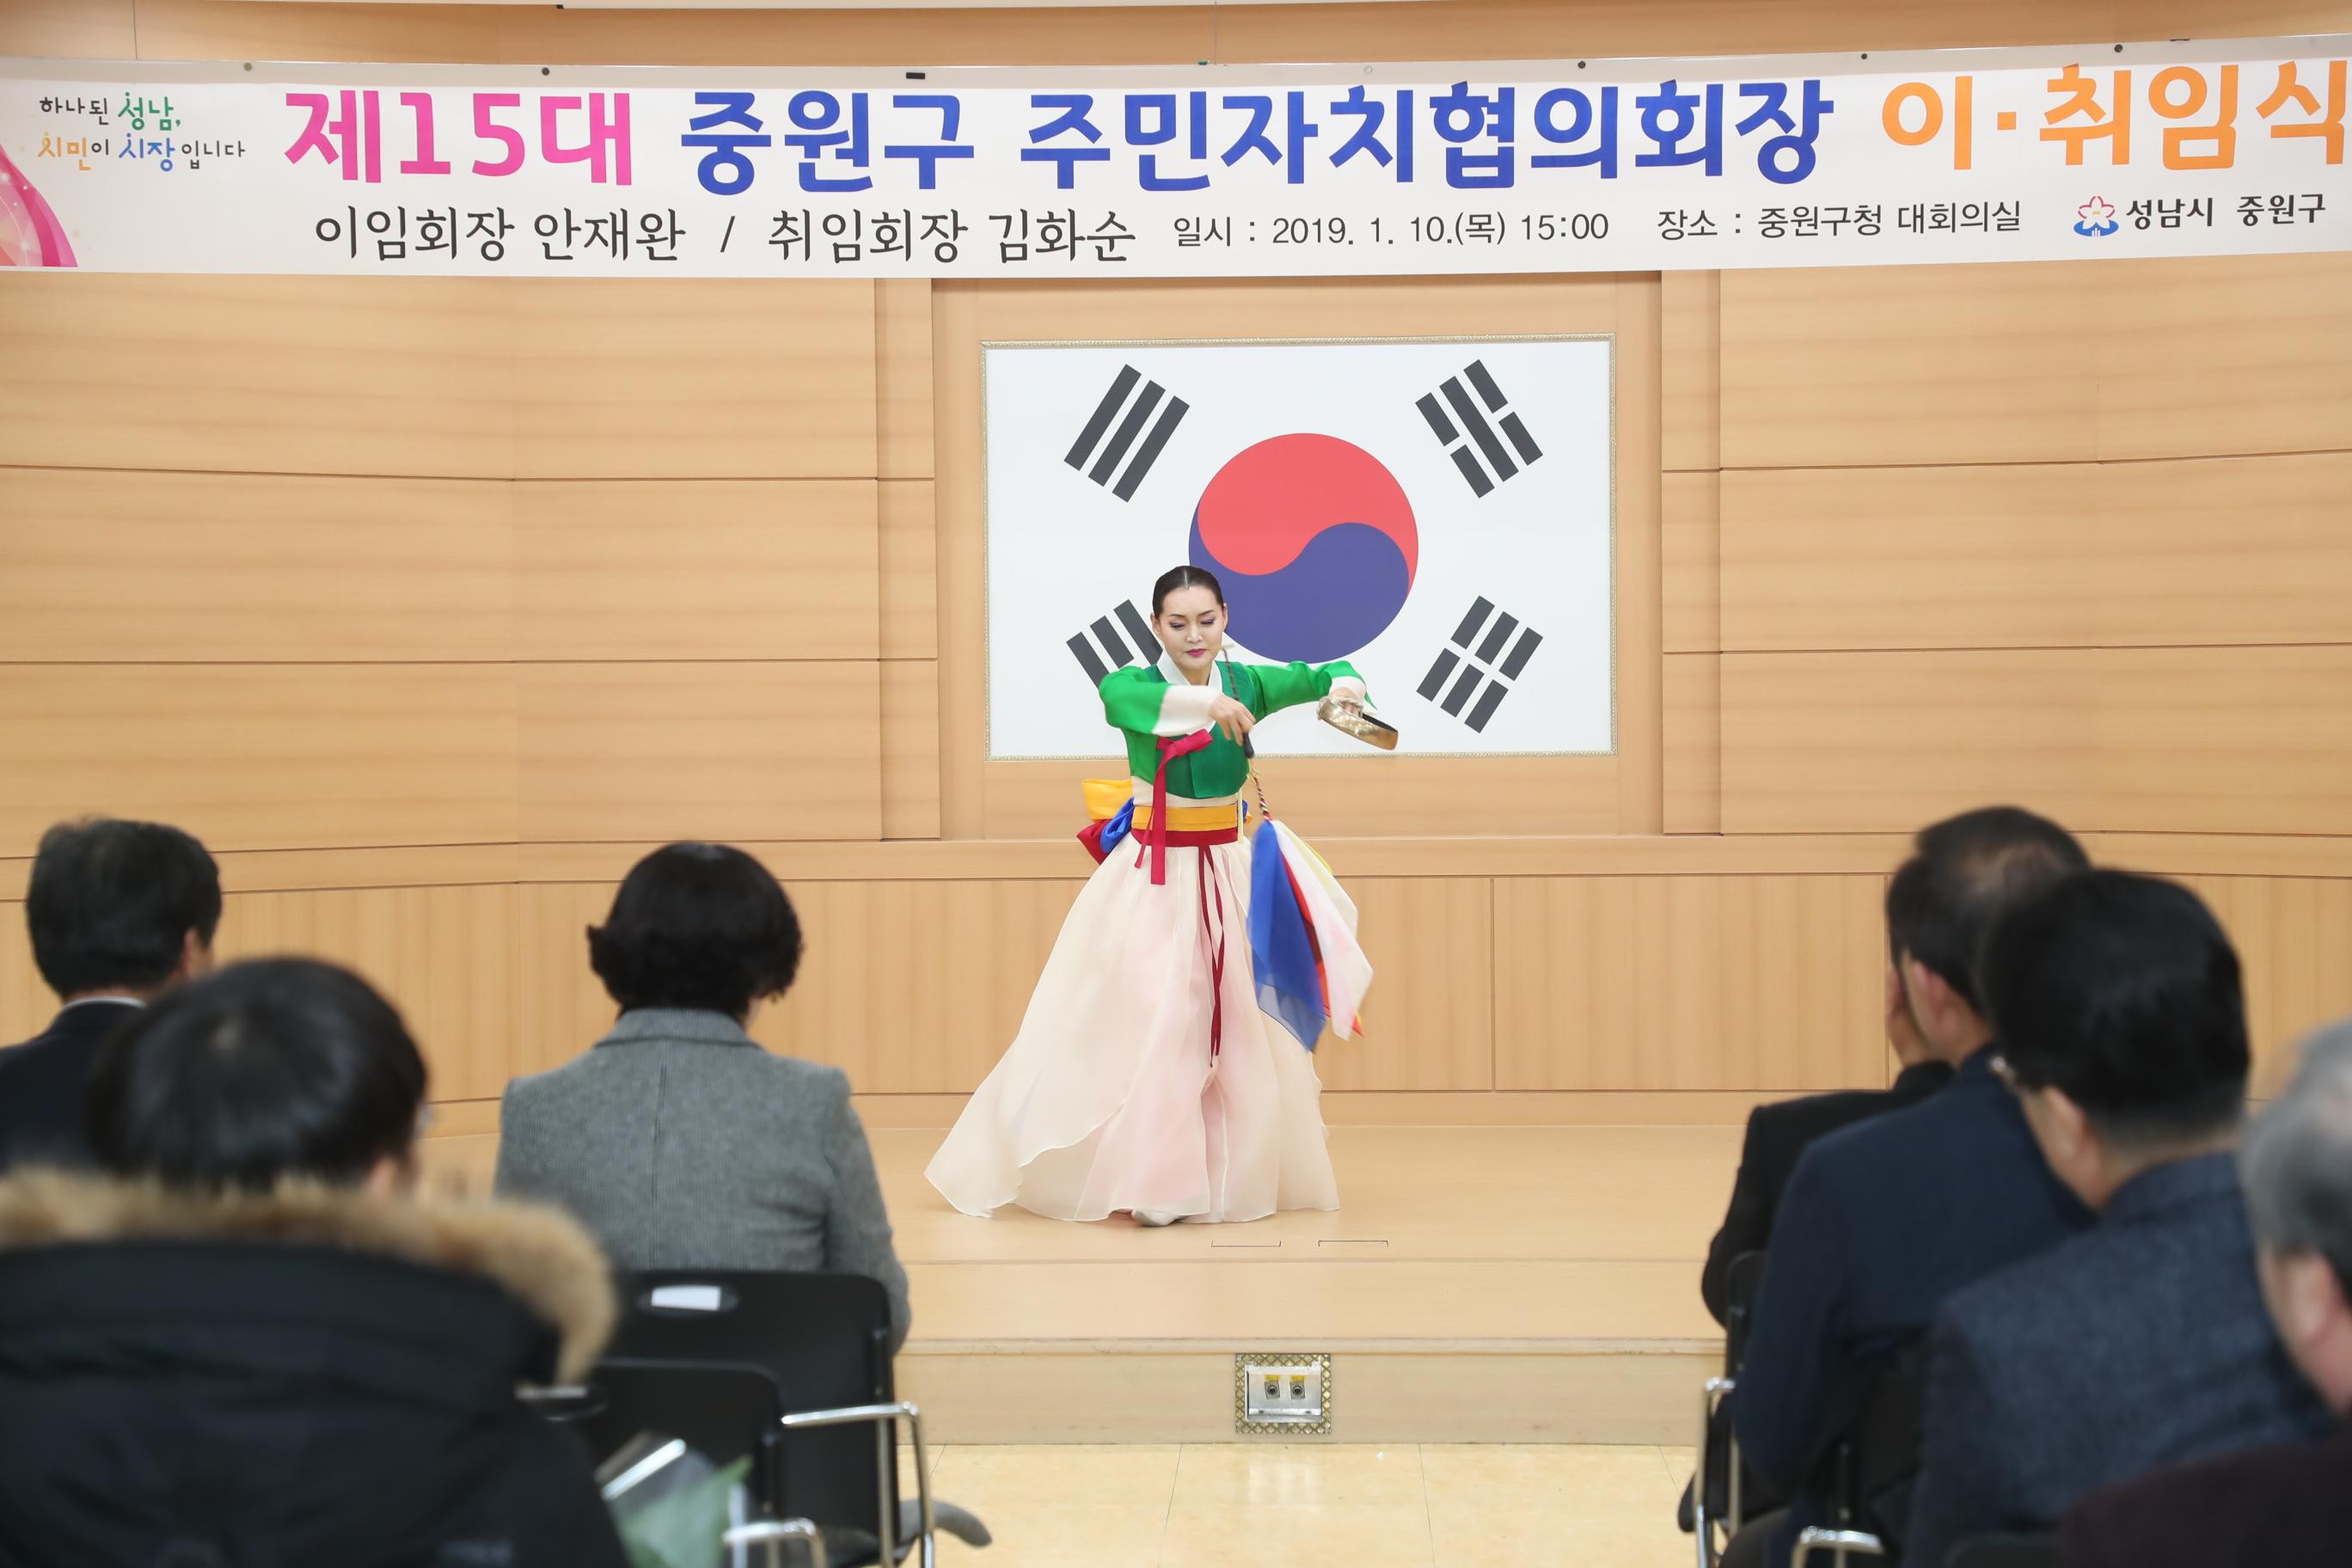 제15대 중원구 주민자치협의회장 취임식